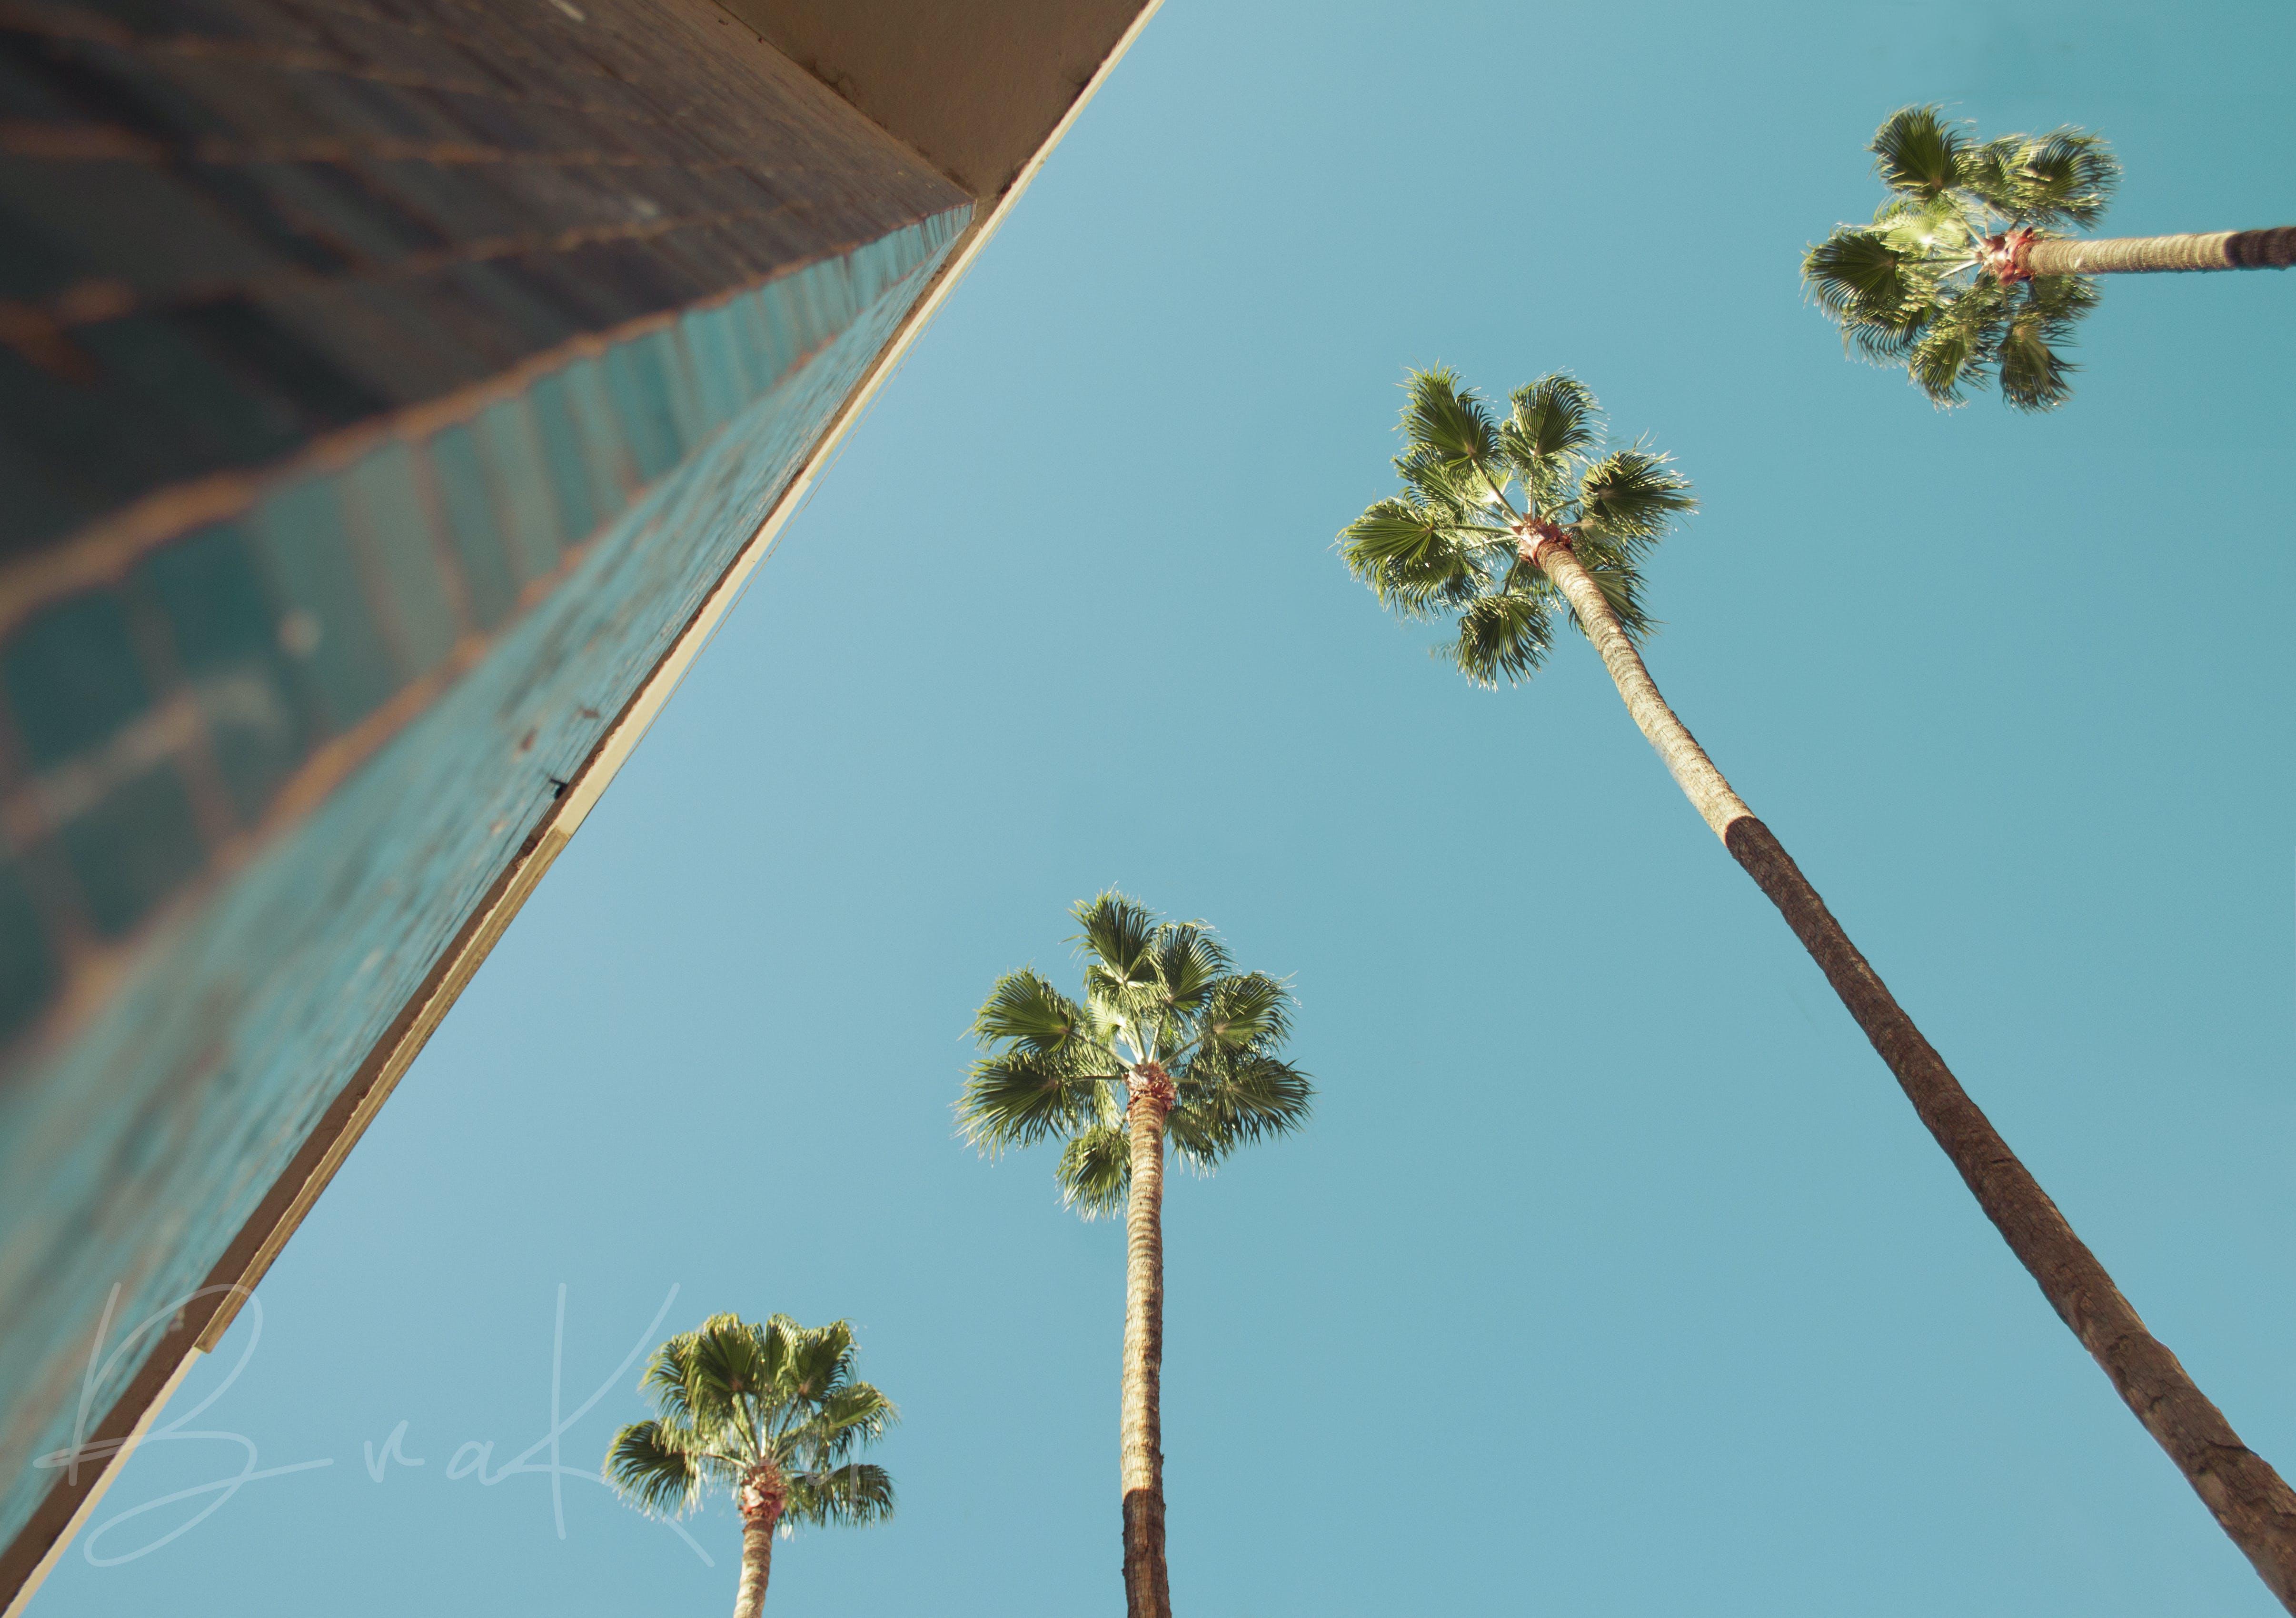 Gratis lagerfoto af blå himmel, dværgpalme, engle, gadefotografering